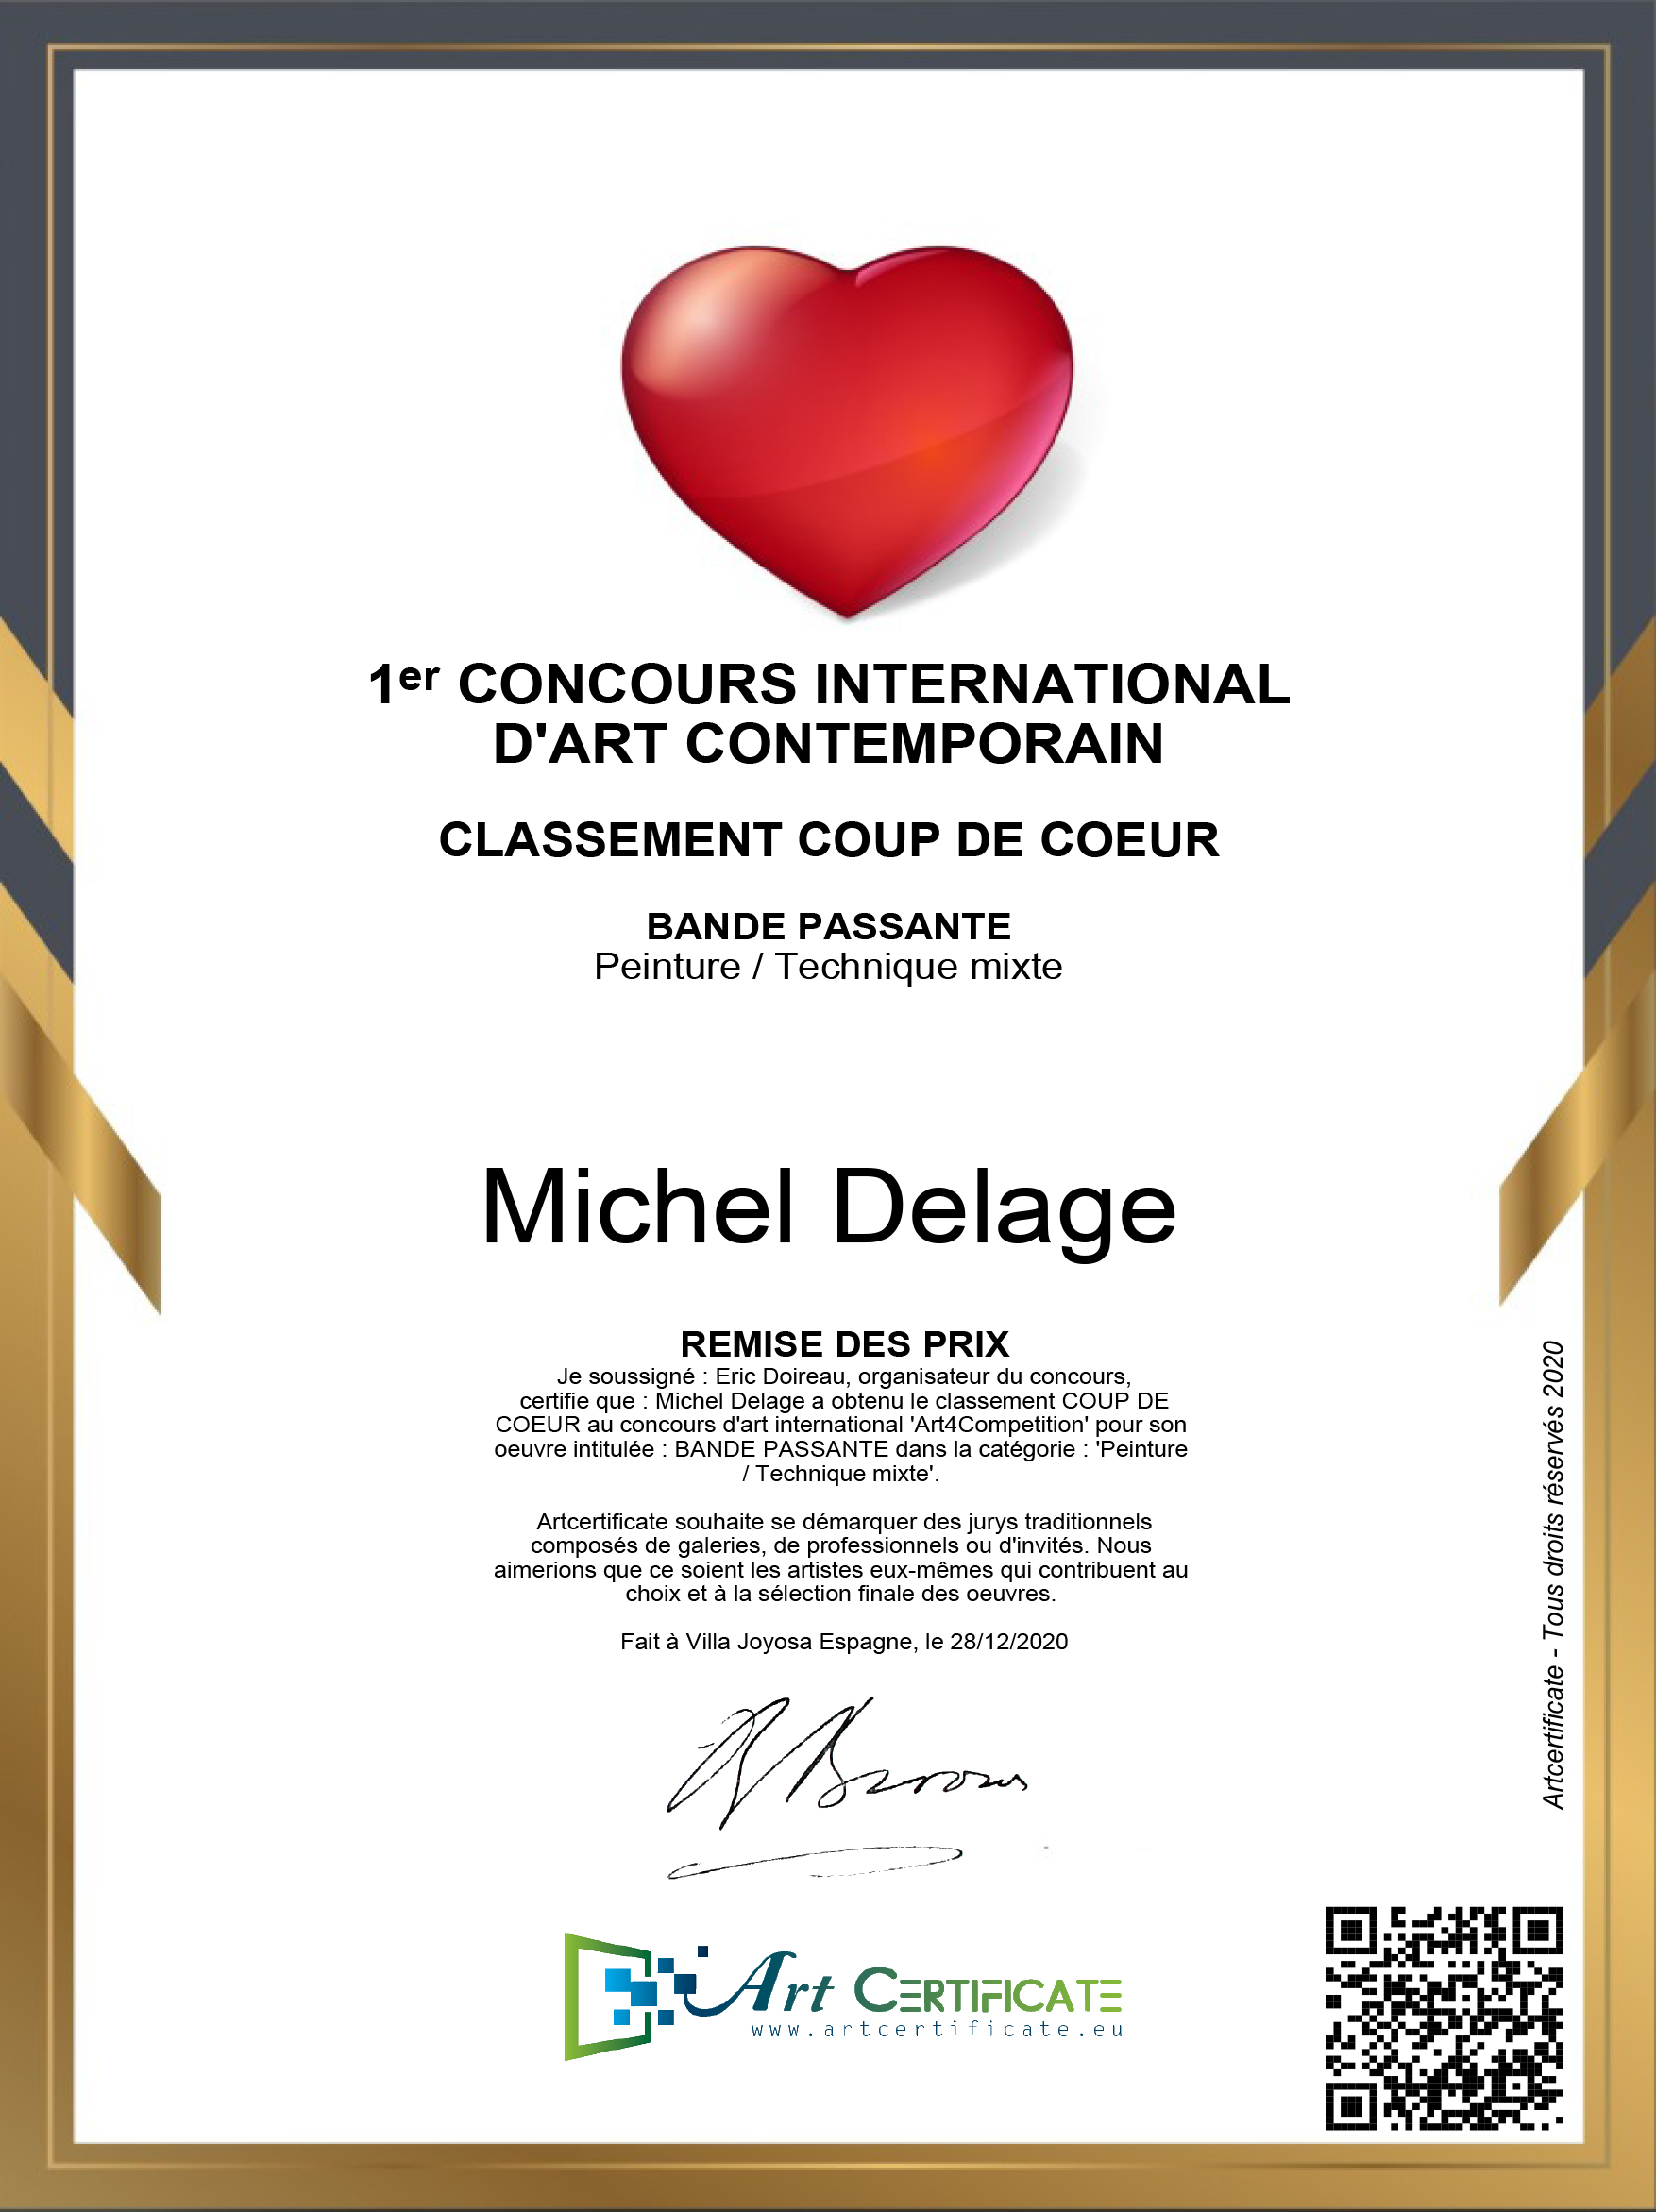 Coup de coeur - Michel Delage